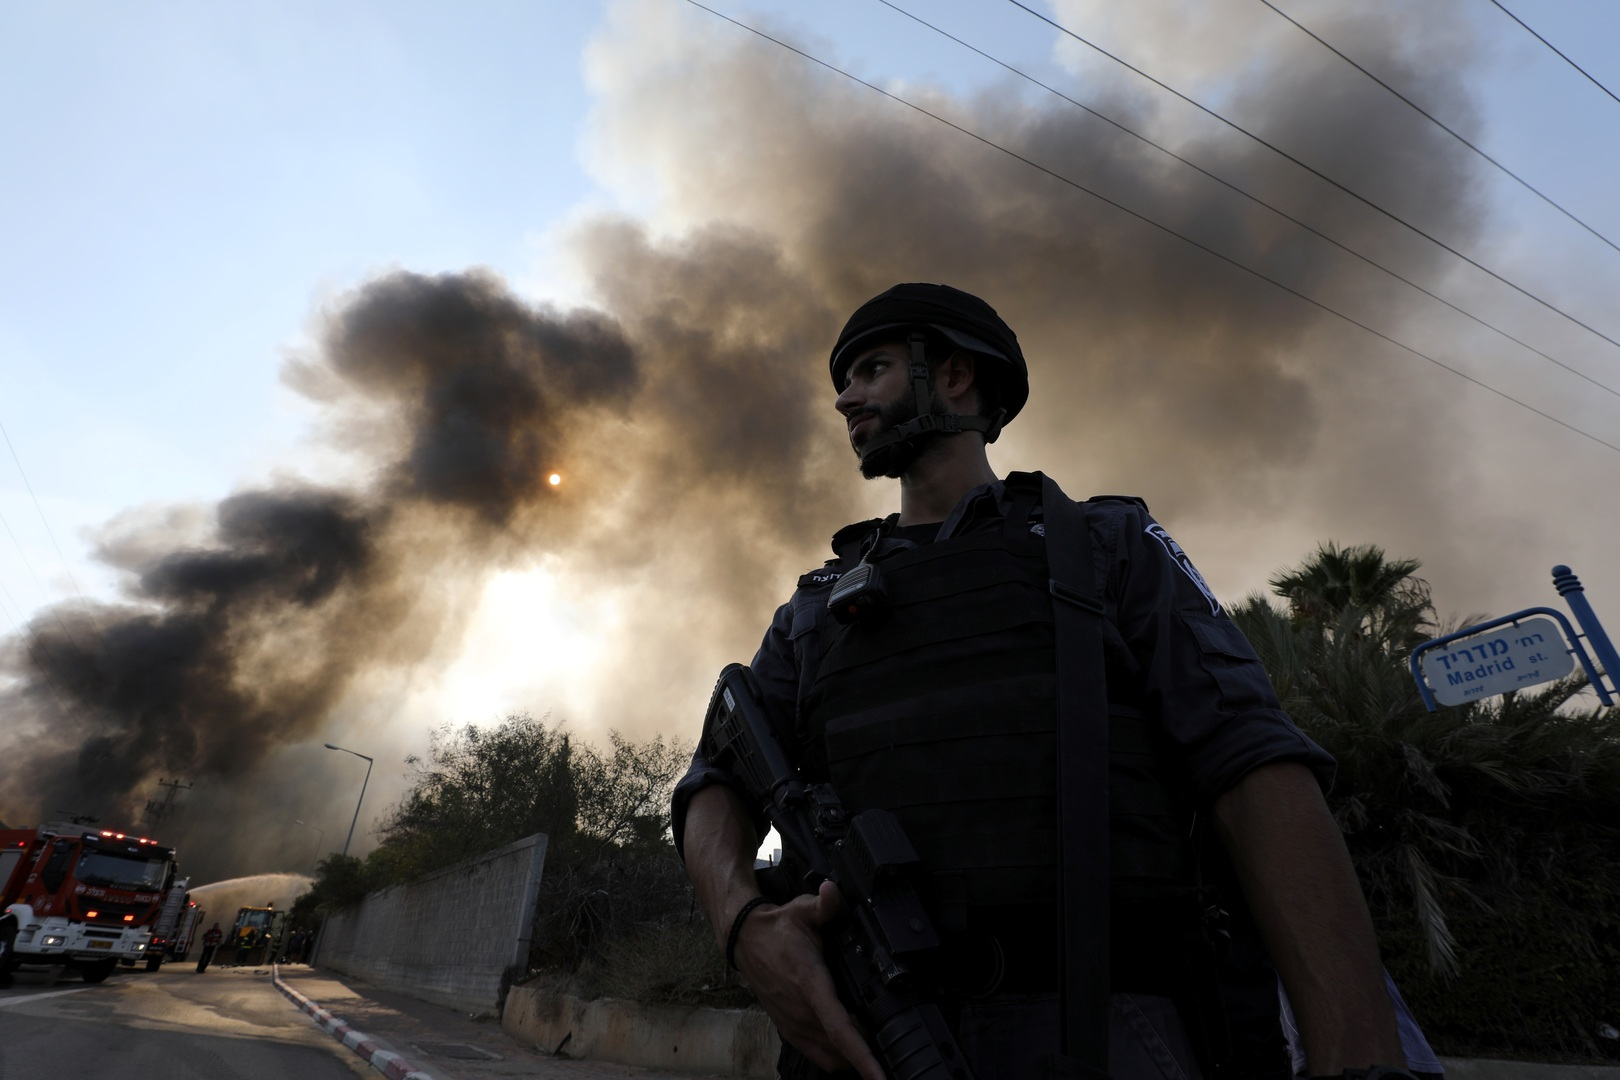 تأثير صواريخ غزة على الاقتصاد الإسرائيلي